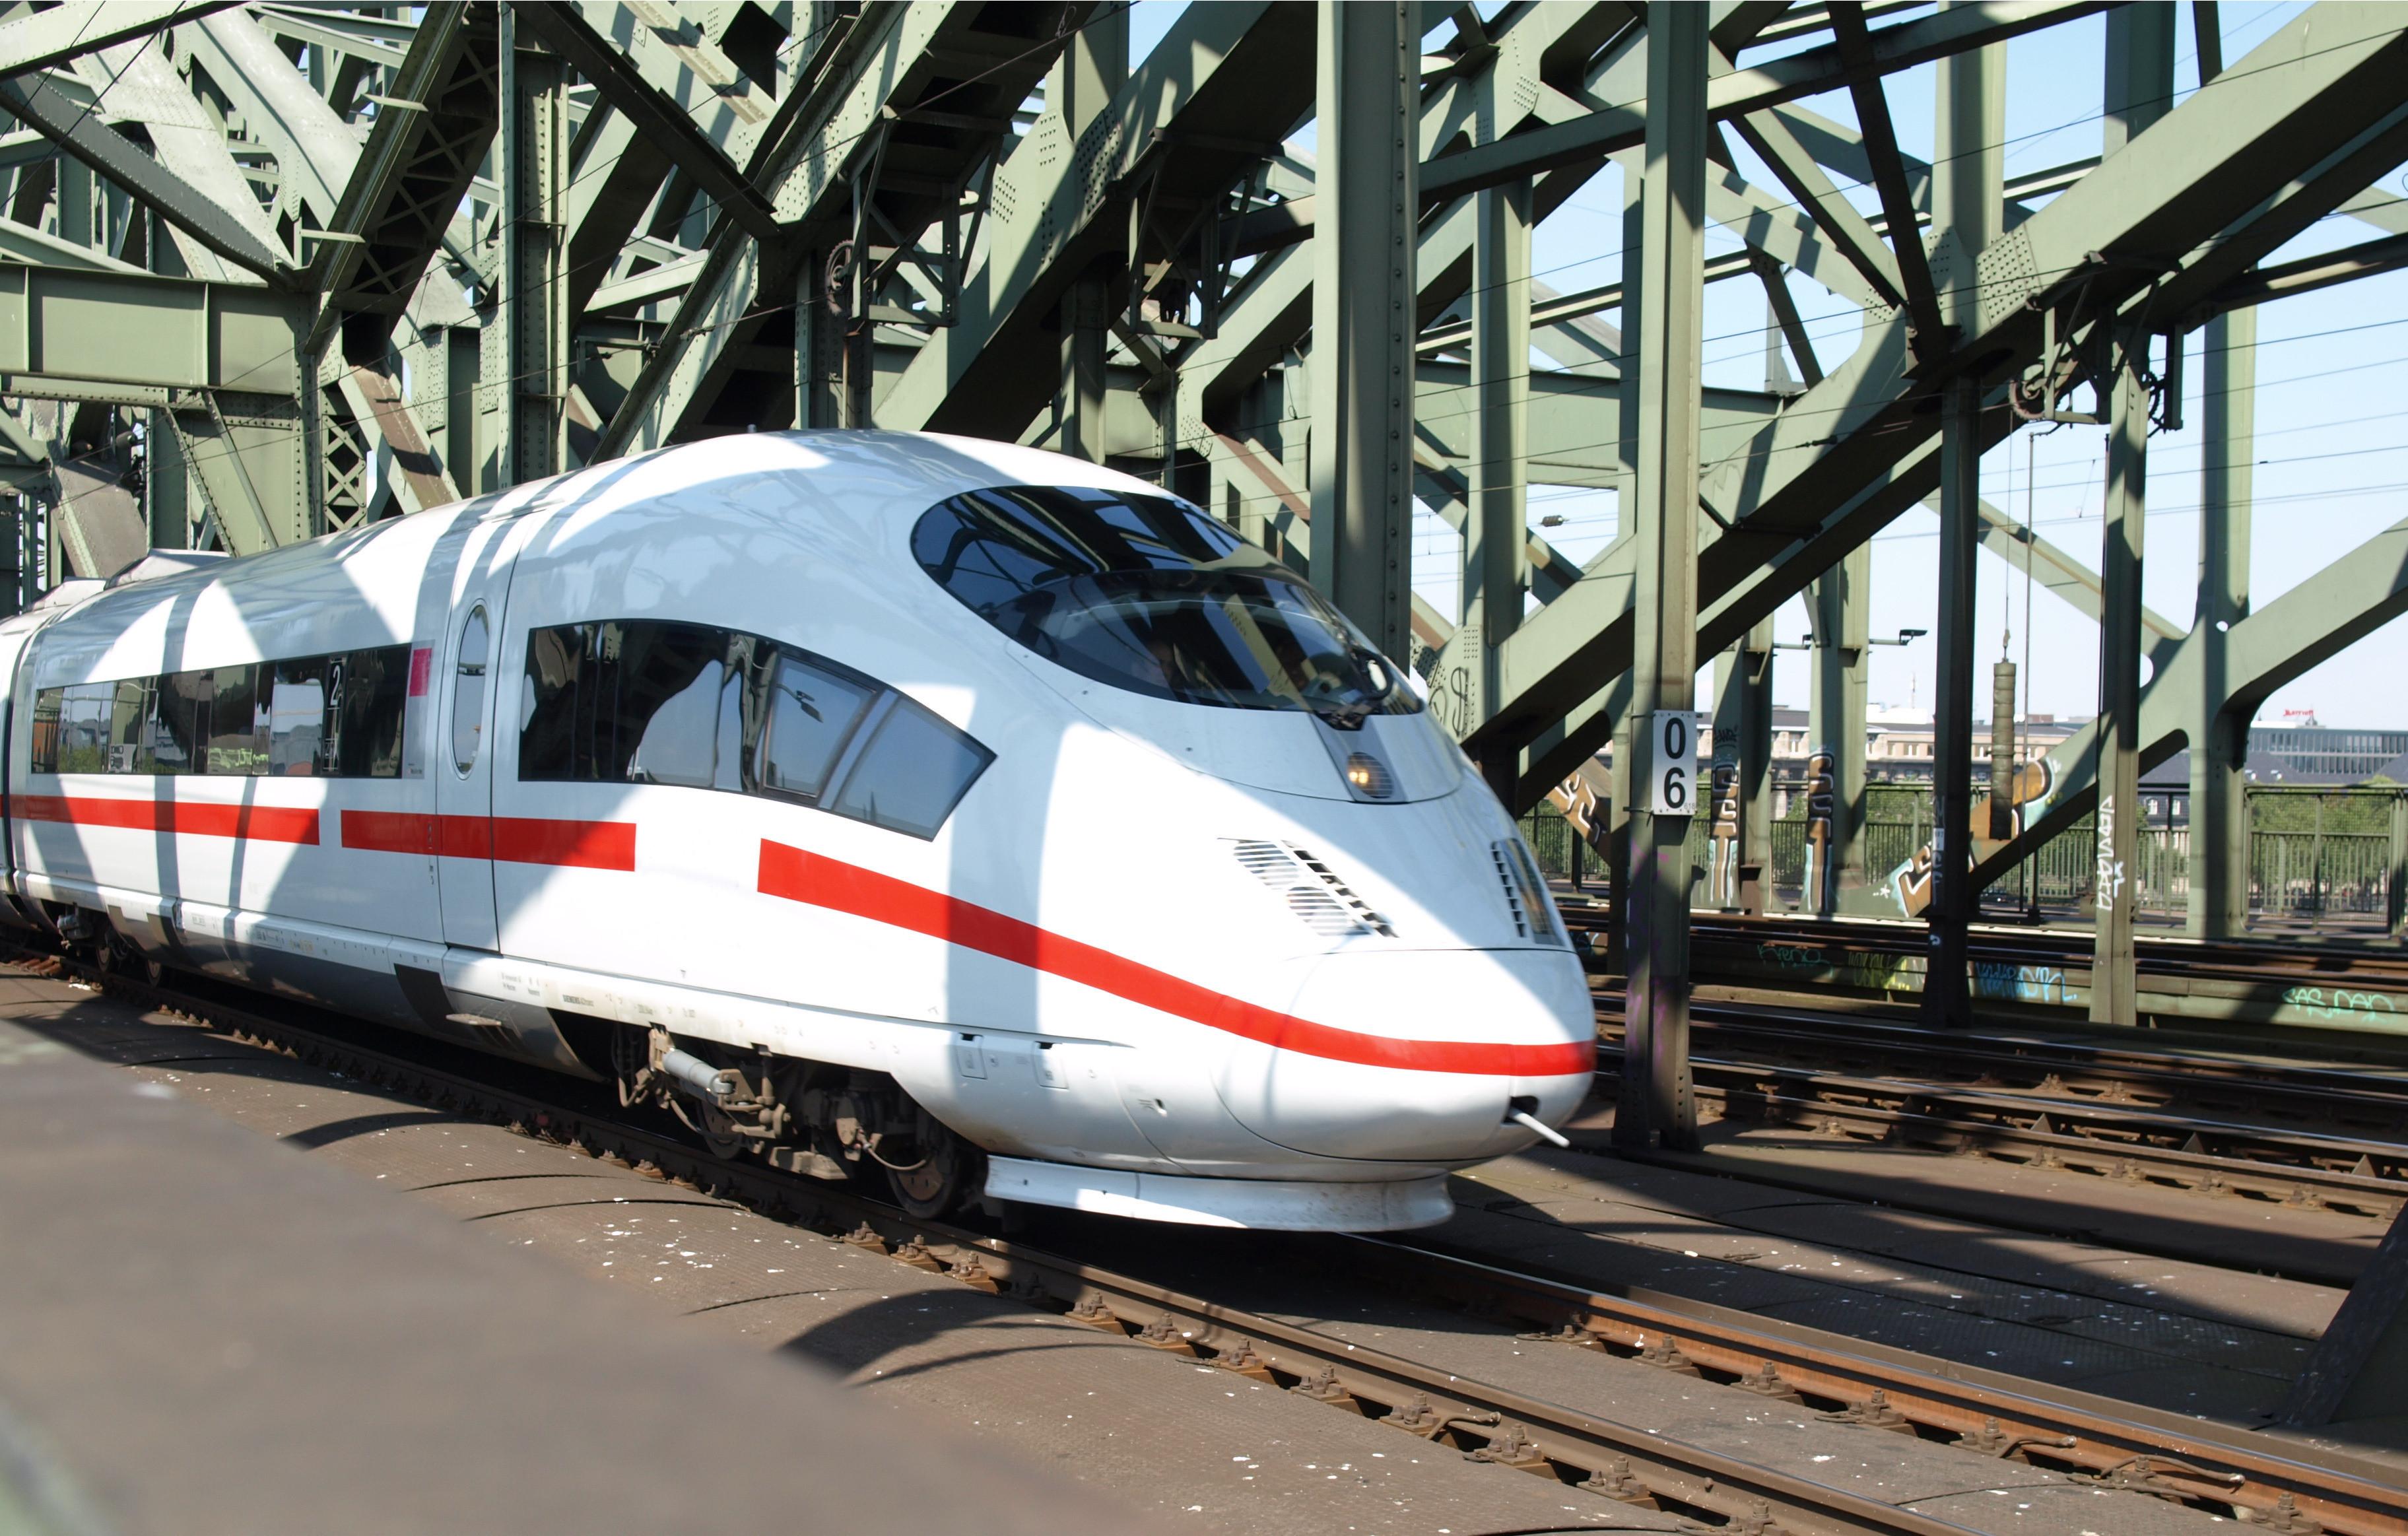 Высокоскоростной пассажирский поезд сошел срельсов вСША